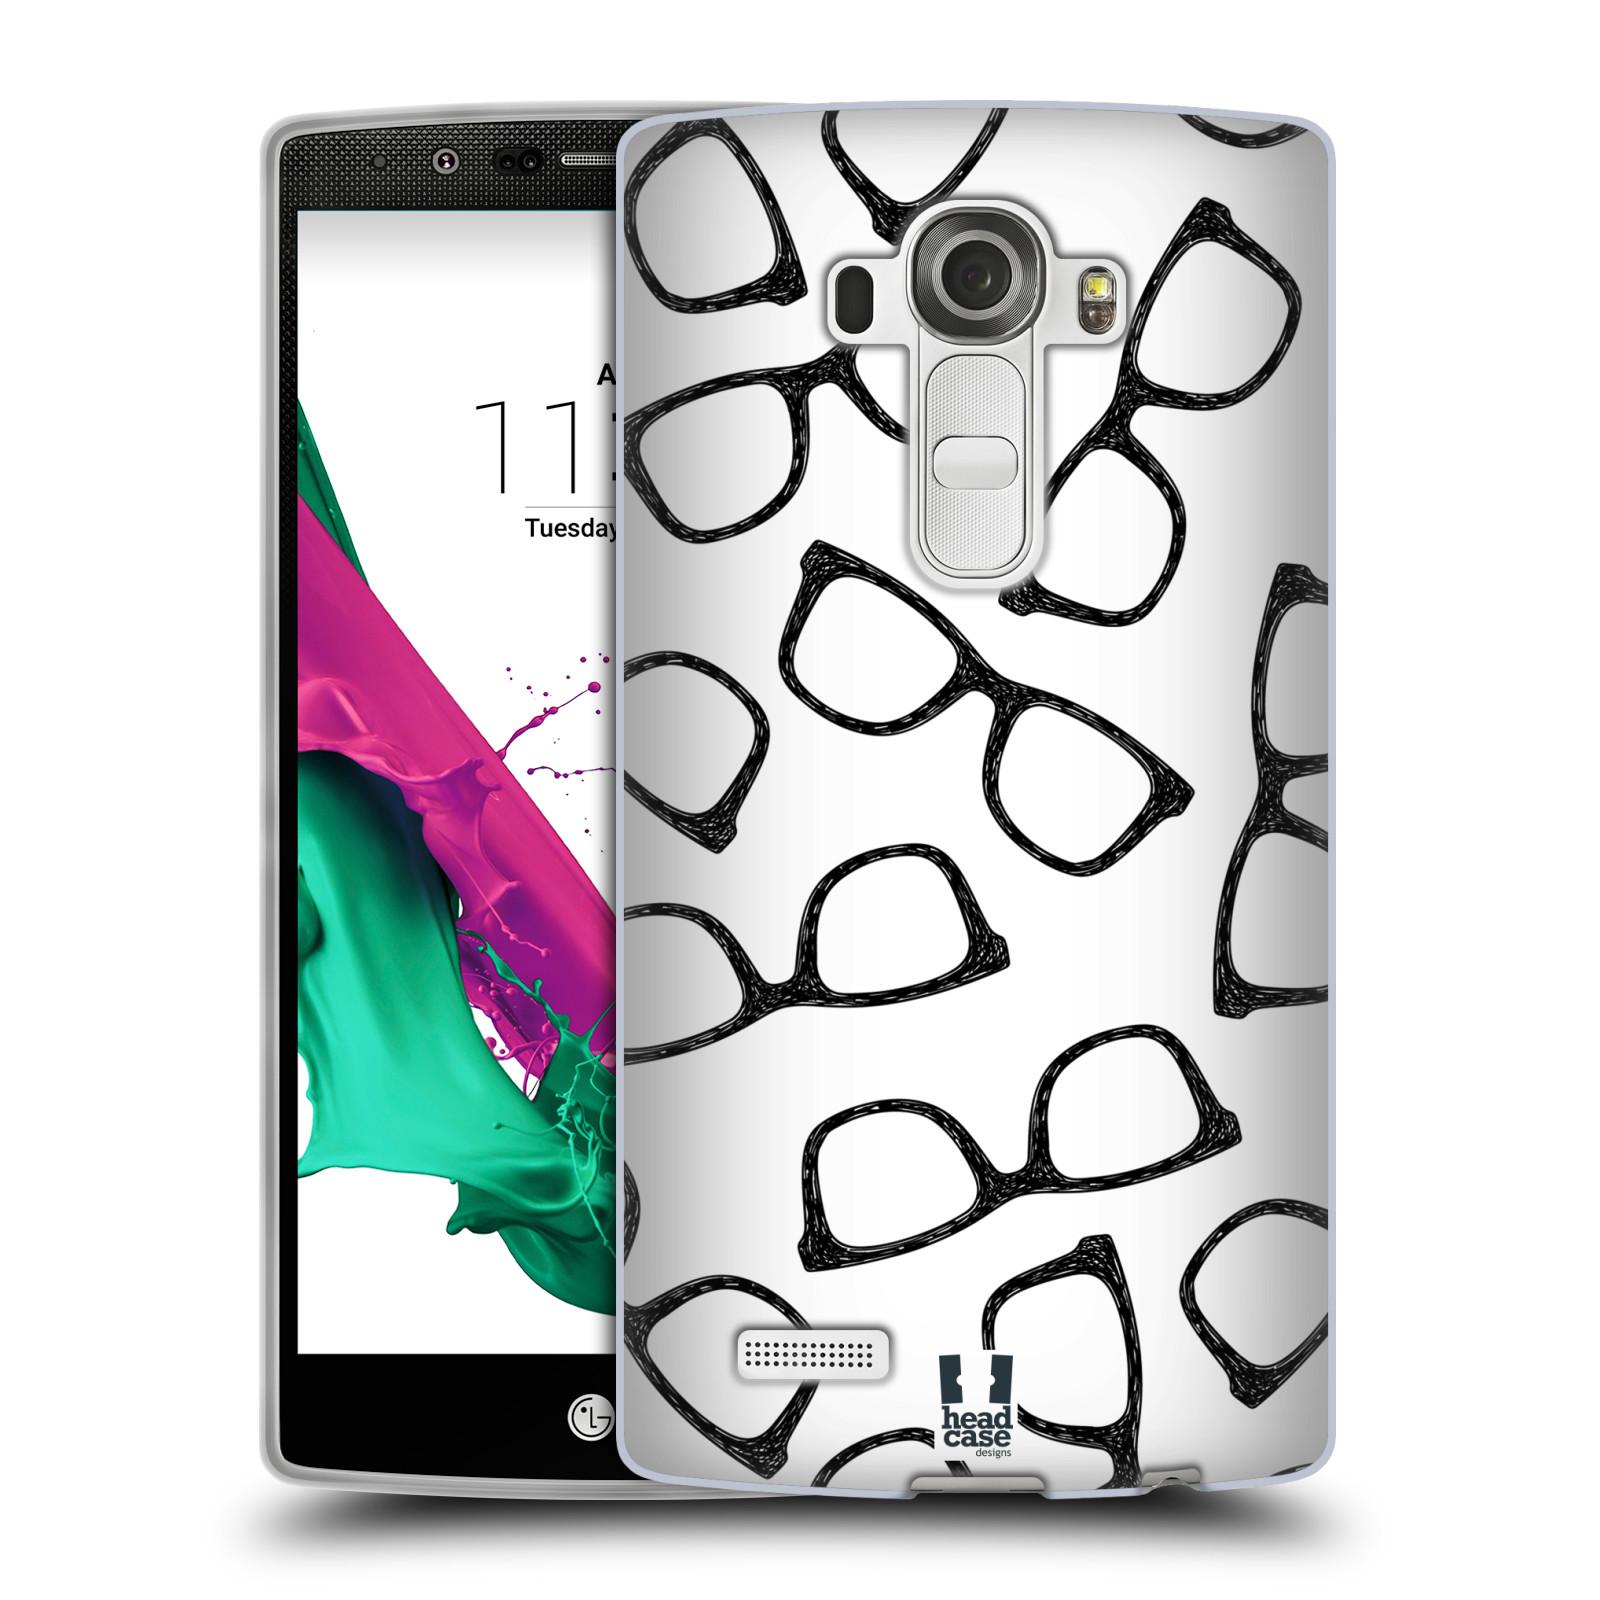 Silikonové pouzdro na mobil LG G4 HEAD CASE HIPSTER BRÝLE (Silikonový kryt či obal na mobilní telefon LG G4 H815)